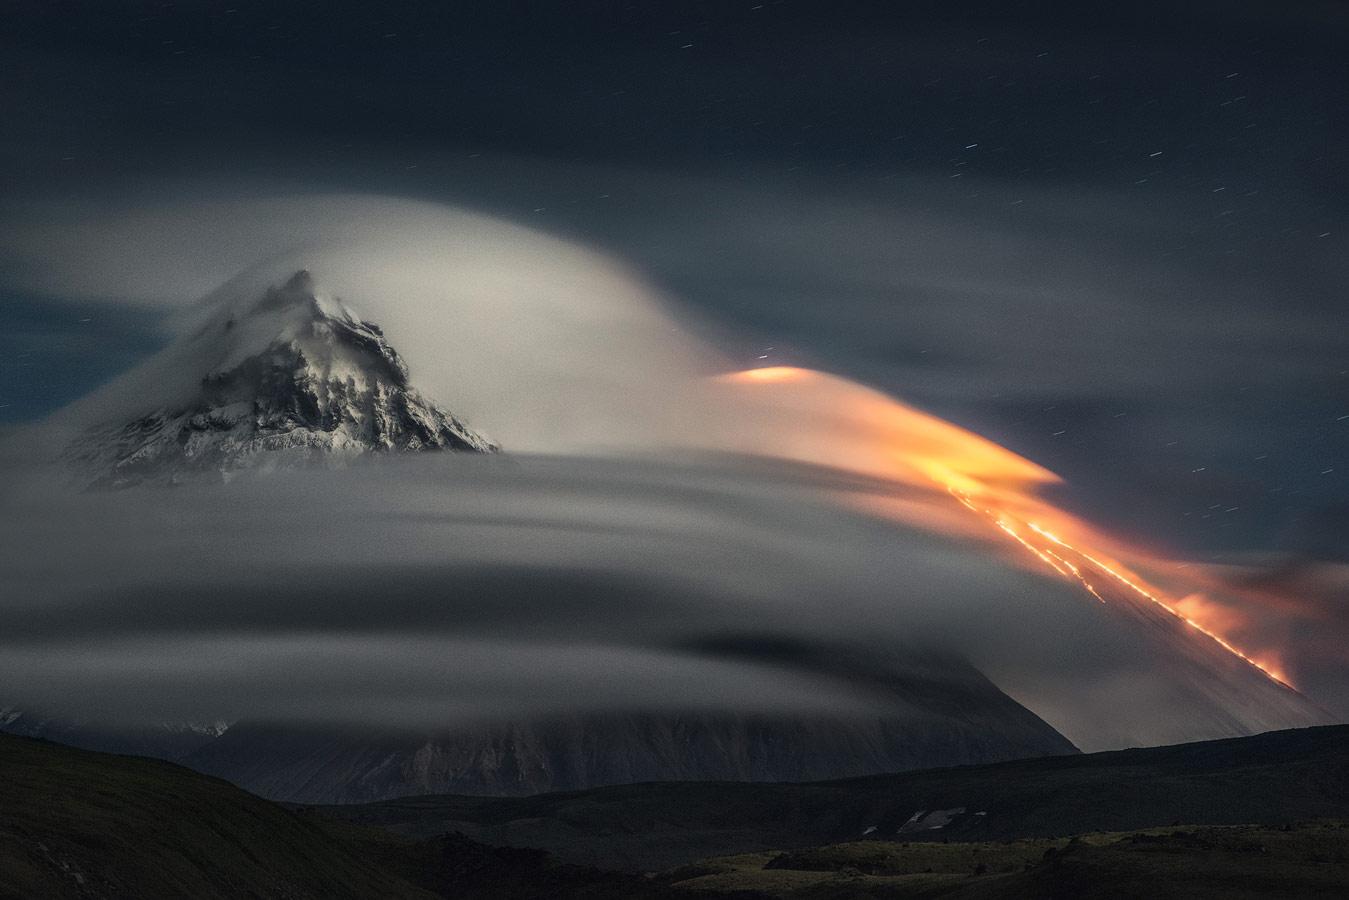 Ночь гигантов, © Александр Ра, Пейзаж, 2 место - Профессионал, Фотоконкурс Nikon «Я в сердце изображения»